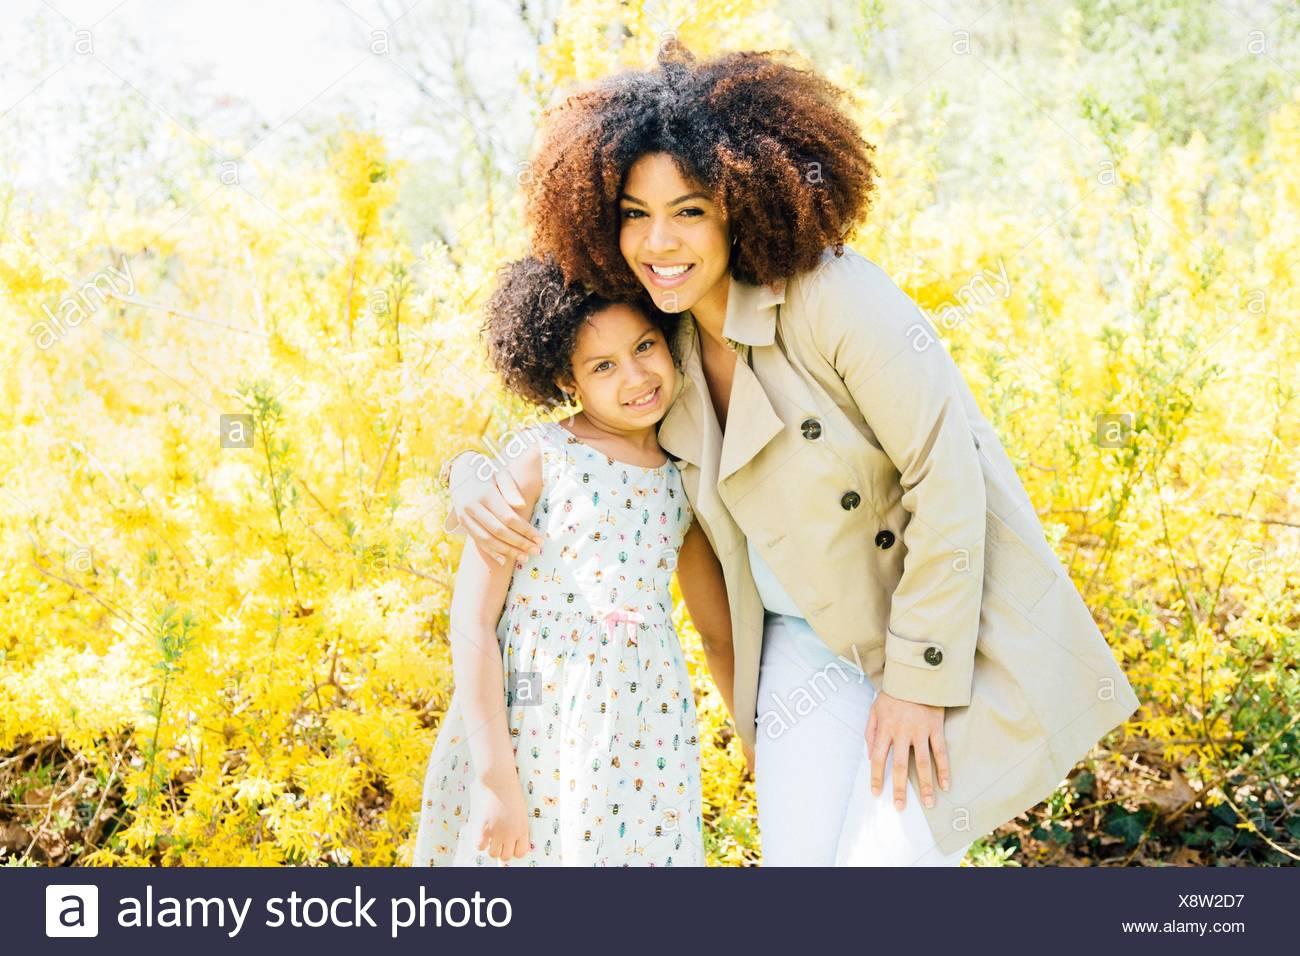 Porträt der Mutter Arm um Tochter, Blick in die Kamera, Lächeln Stockfoto